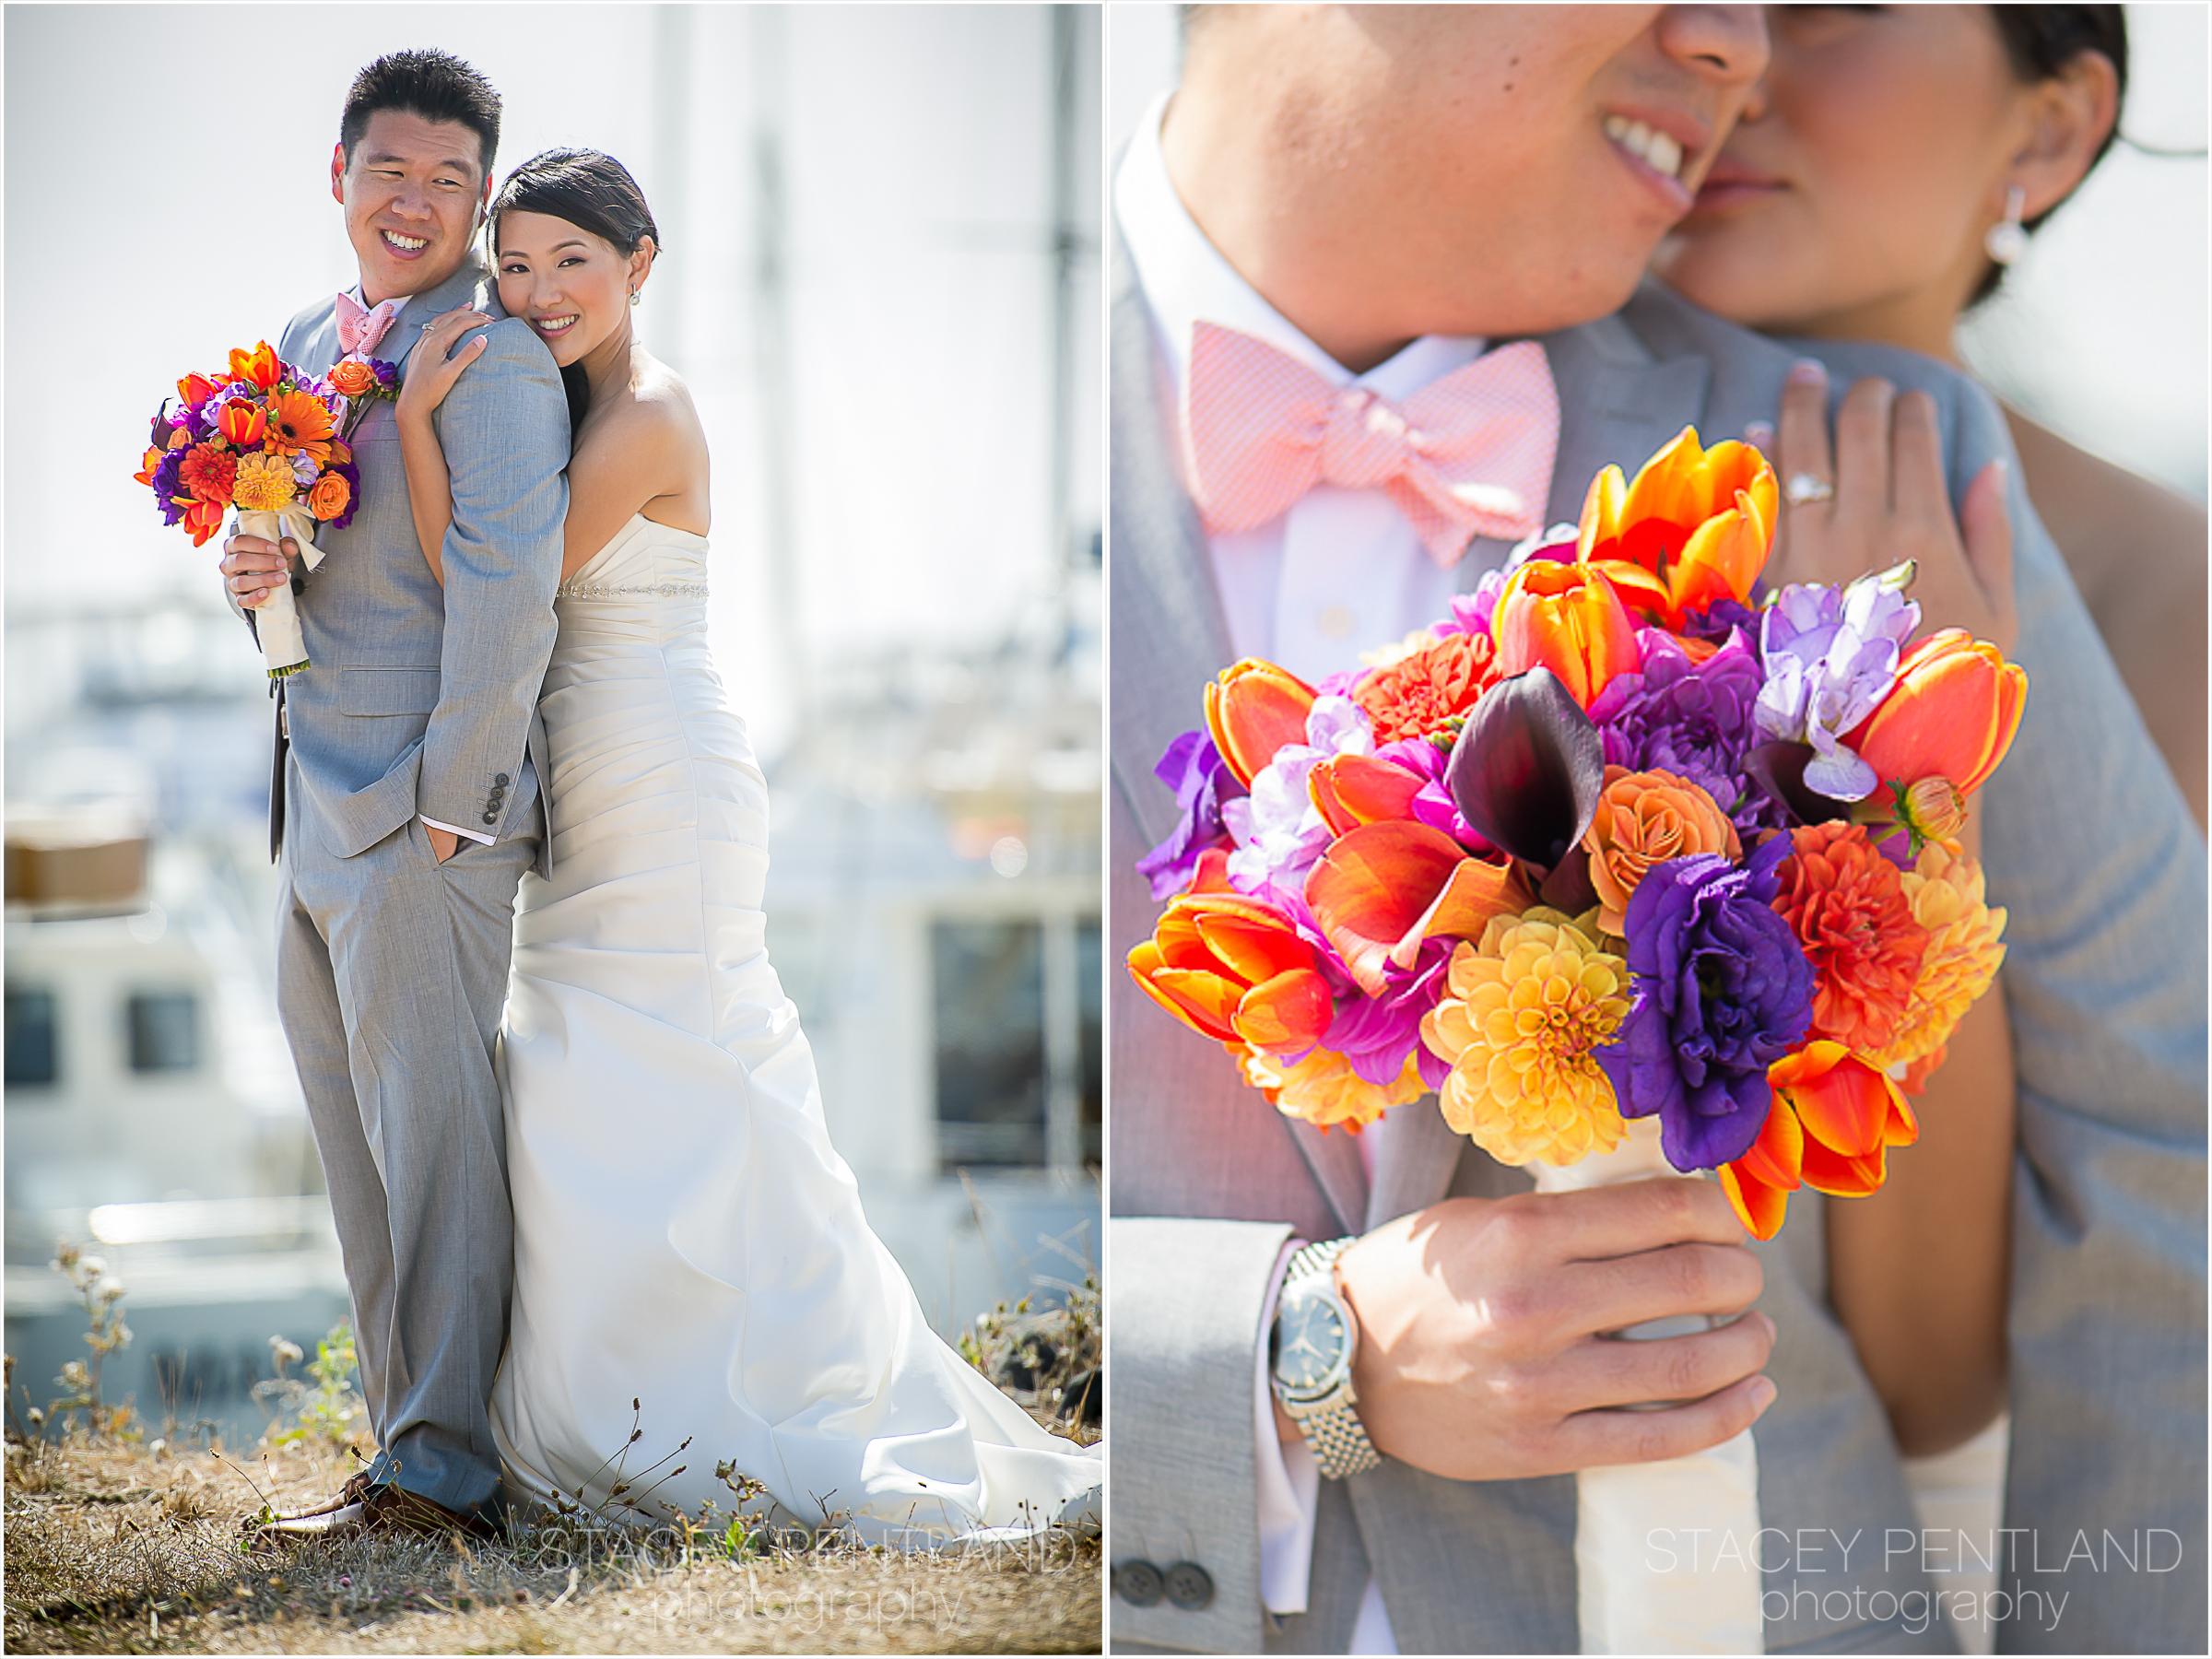 derrick+elena_wedding-001.jpg